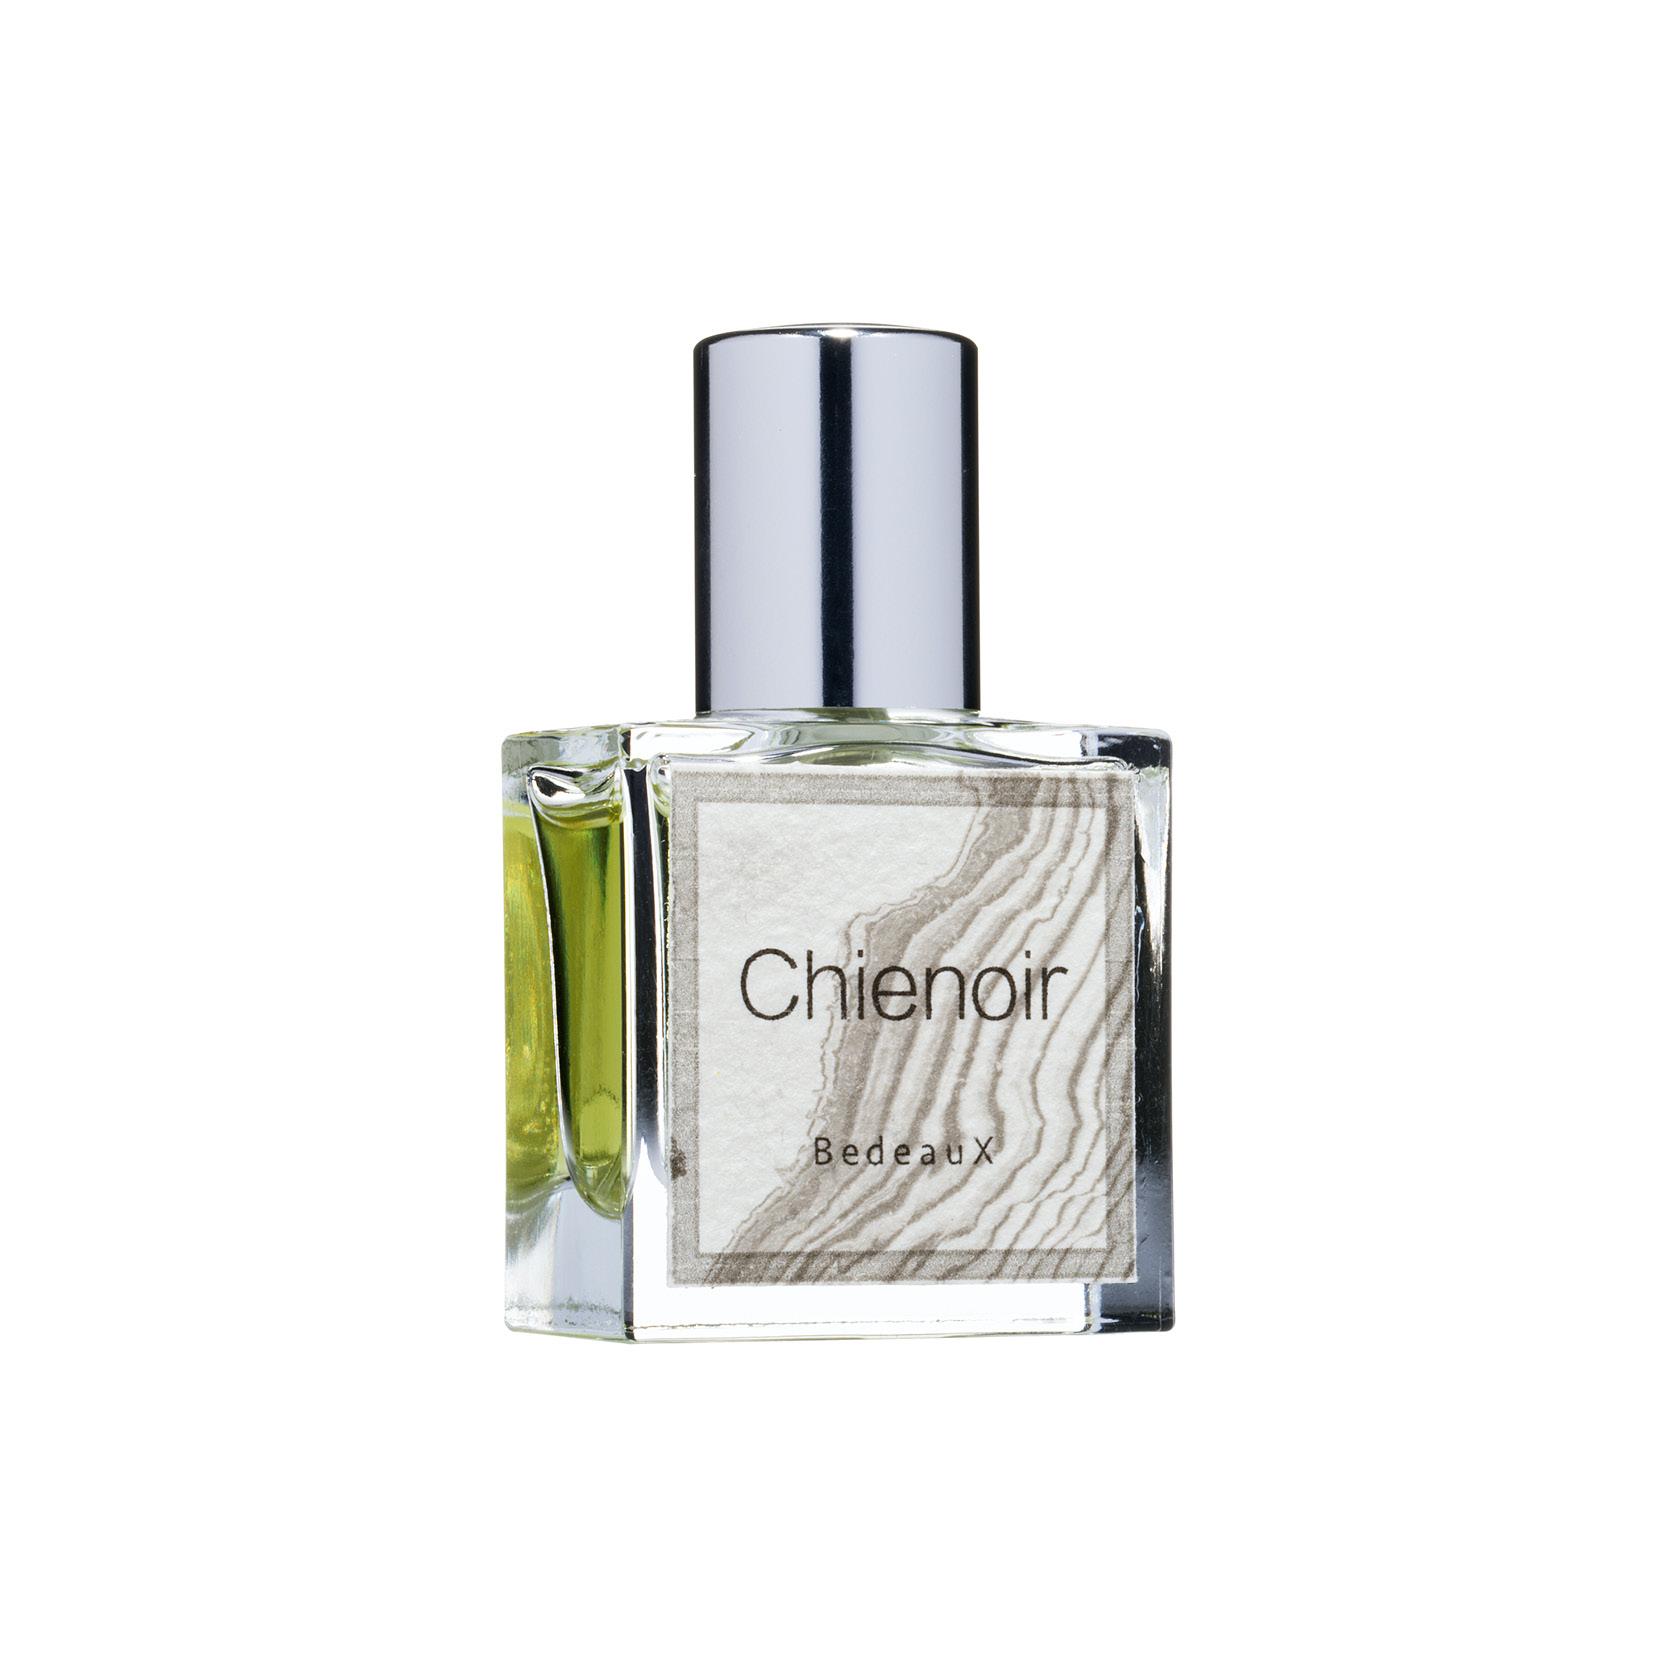 Amanda Bedeaux - Chienoir  parfum